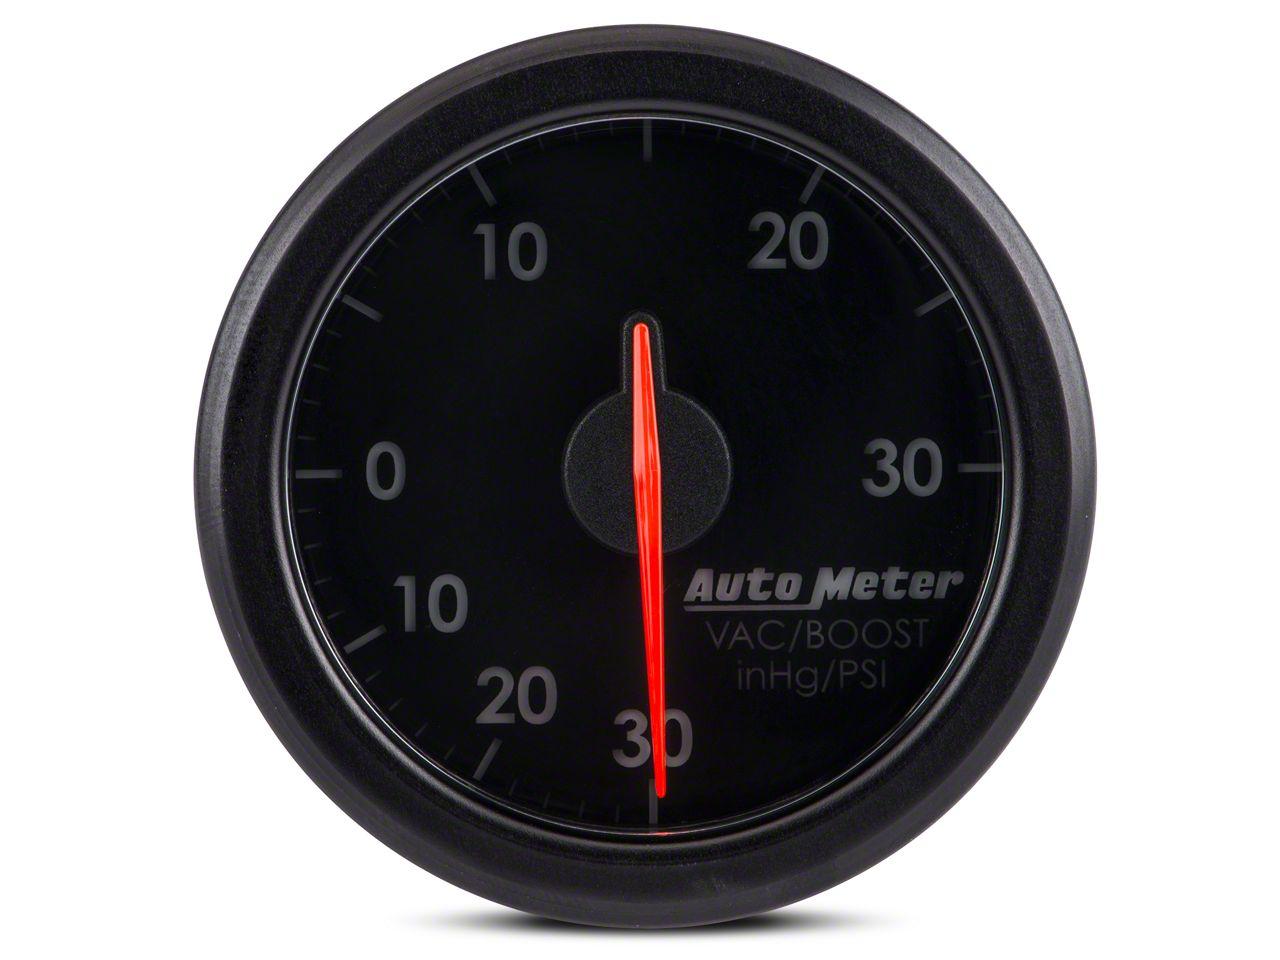 Auto Meter AirDrive Boost/Vac Gauge - Electrical (07-18 Sierra 1500)